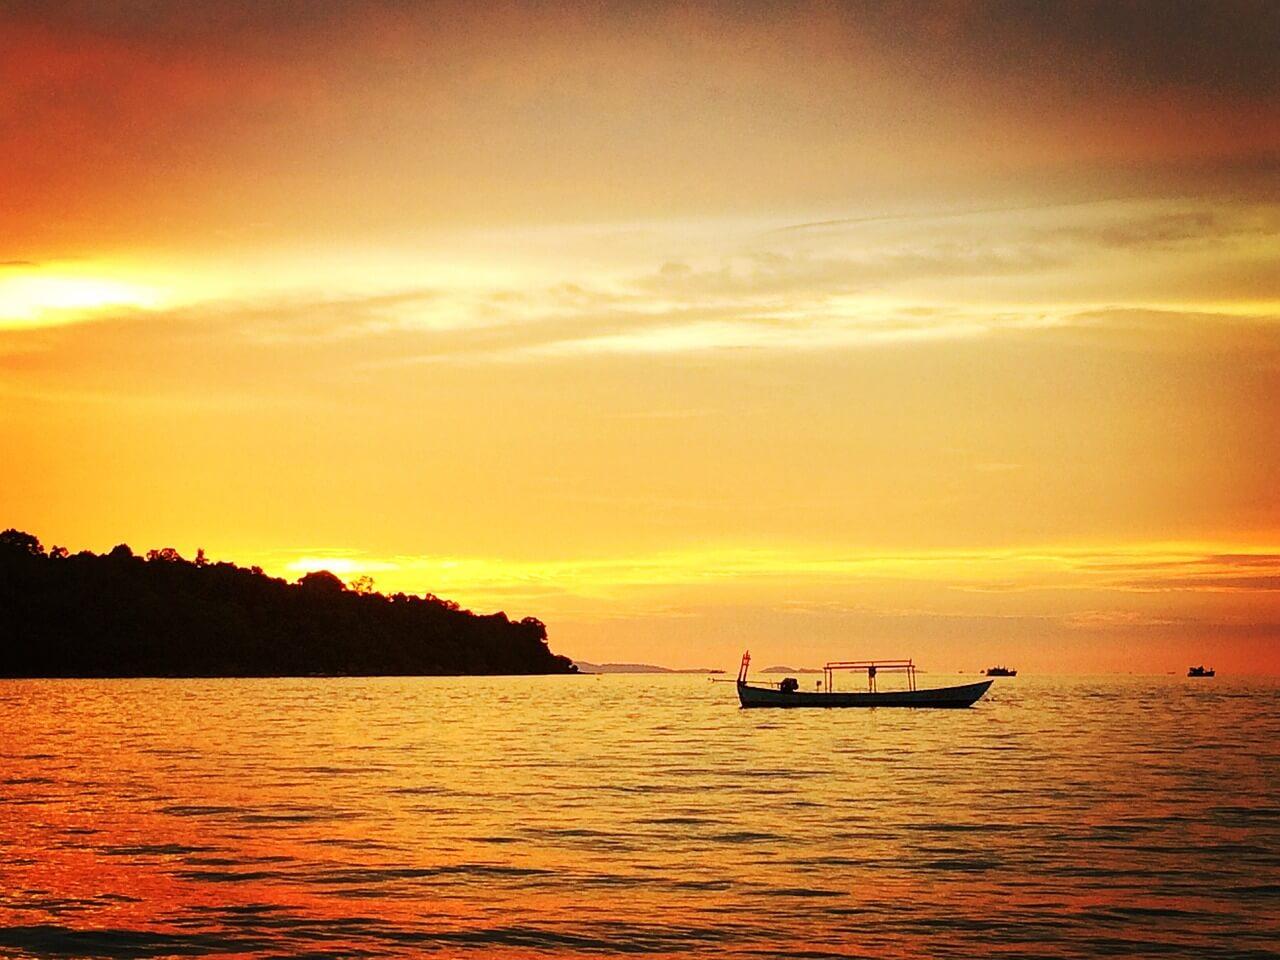 sunset in Phnom Penh Cambodia